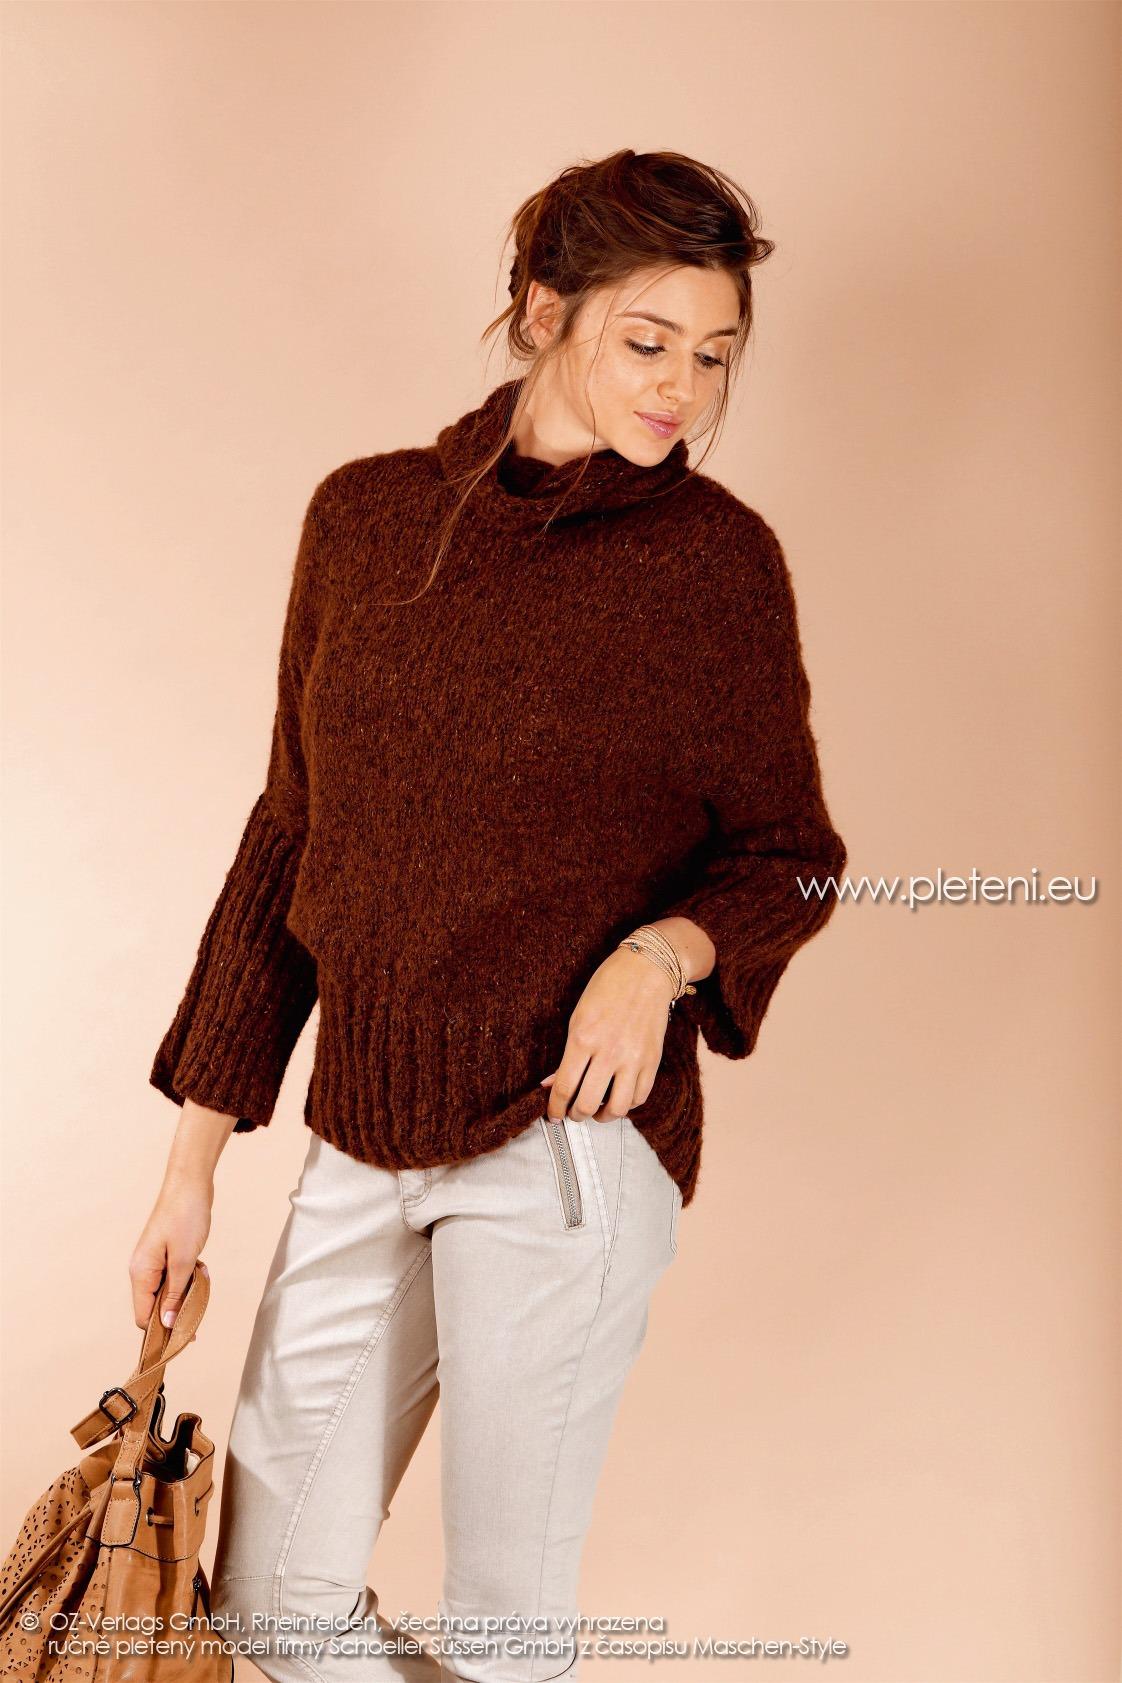 2017-2018 model 26 dámský pletený svetr z příze Alpace Tweed firmy Schoeller